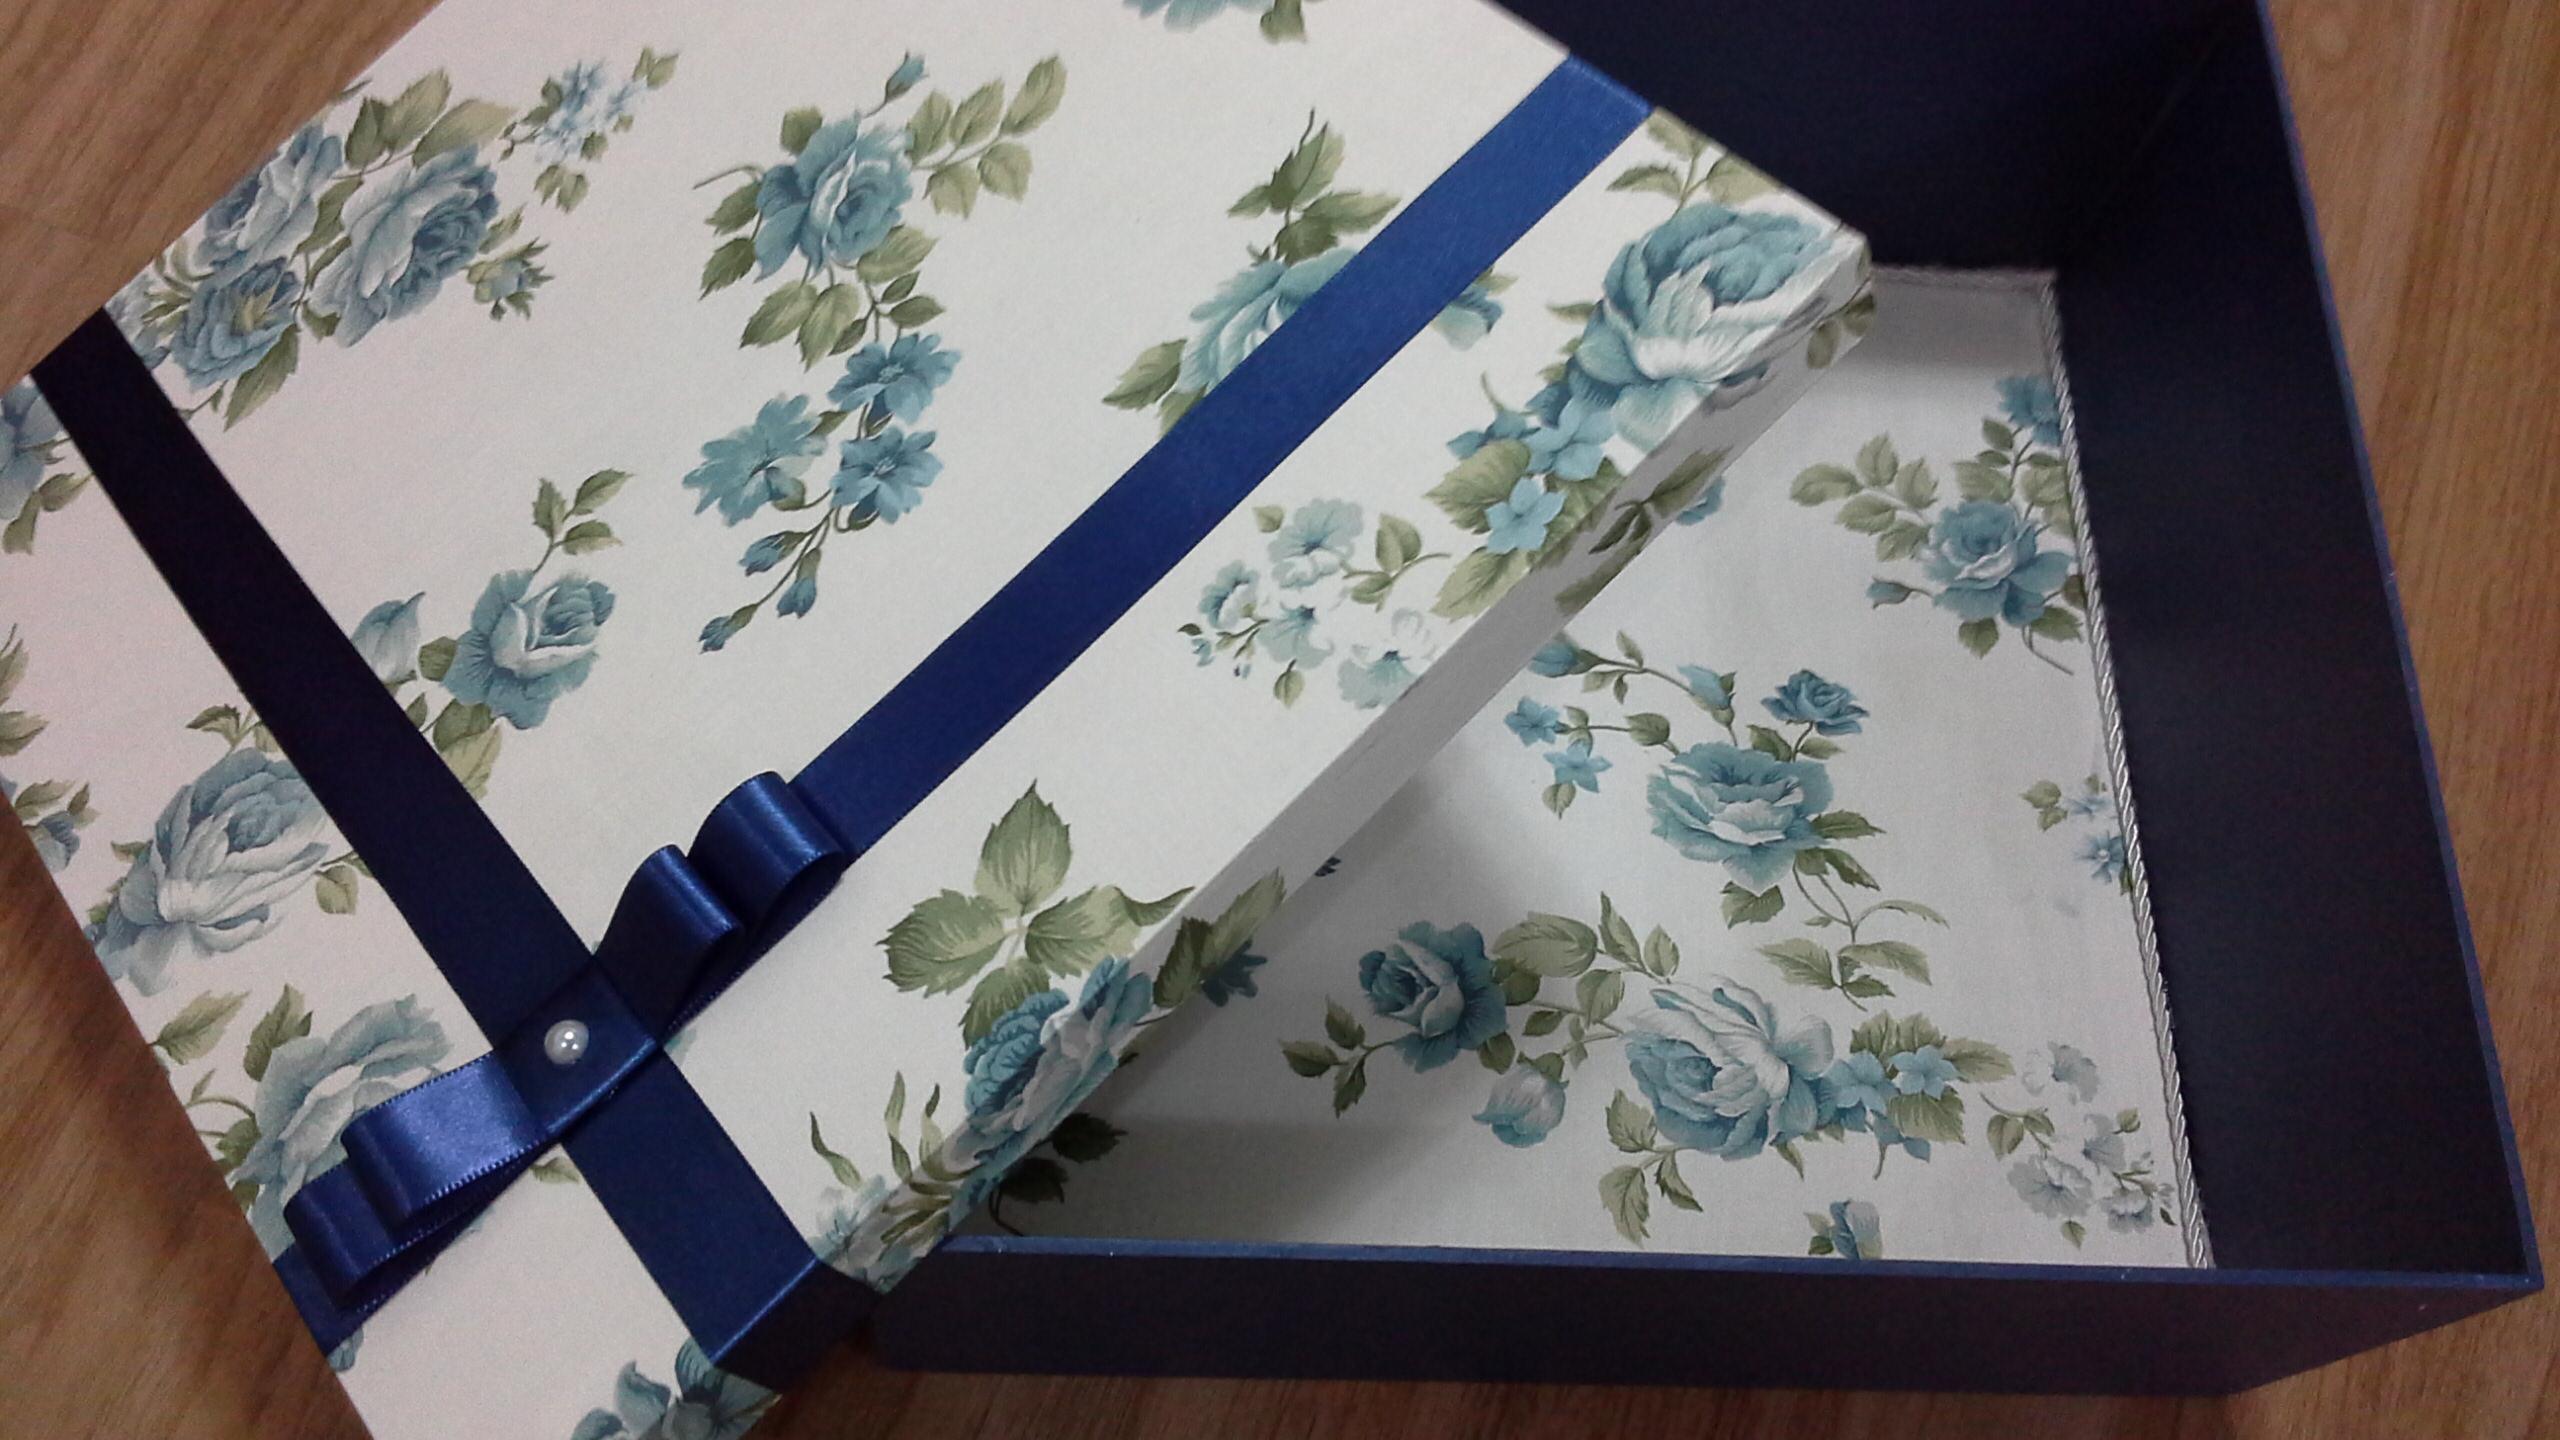 caixa quadrada 30 x 30 cm caixa decorada #293E6B 2560x1440